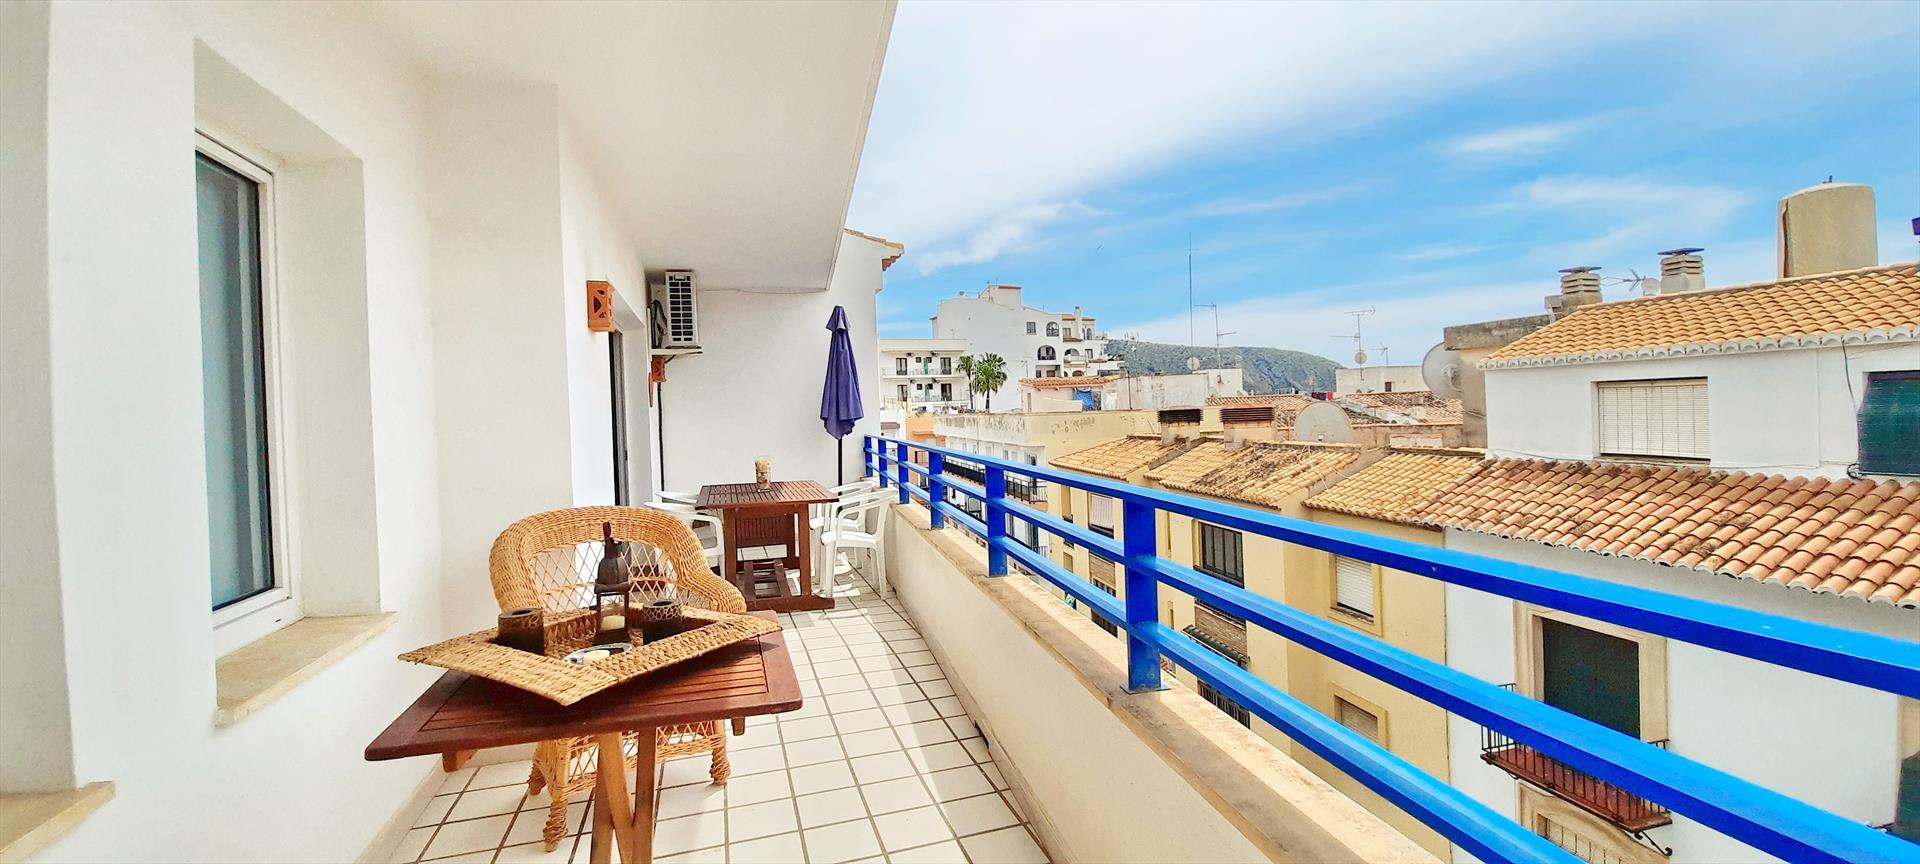 Esmeralda,Grosse und klassische Ferienwohnung in Moraira, an der Costa Blanca, Spanien für 6 Personen.....